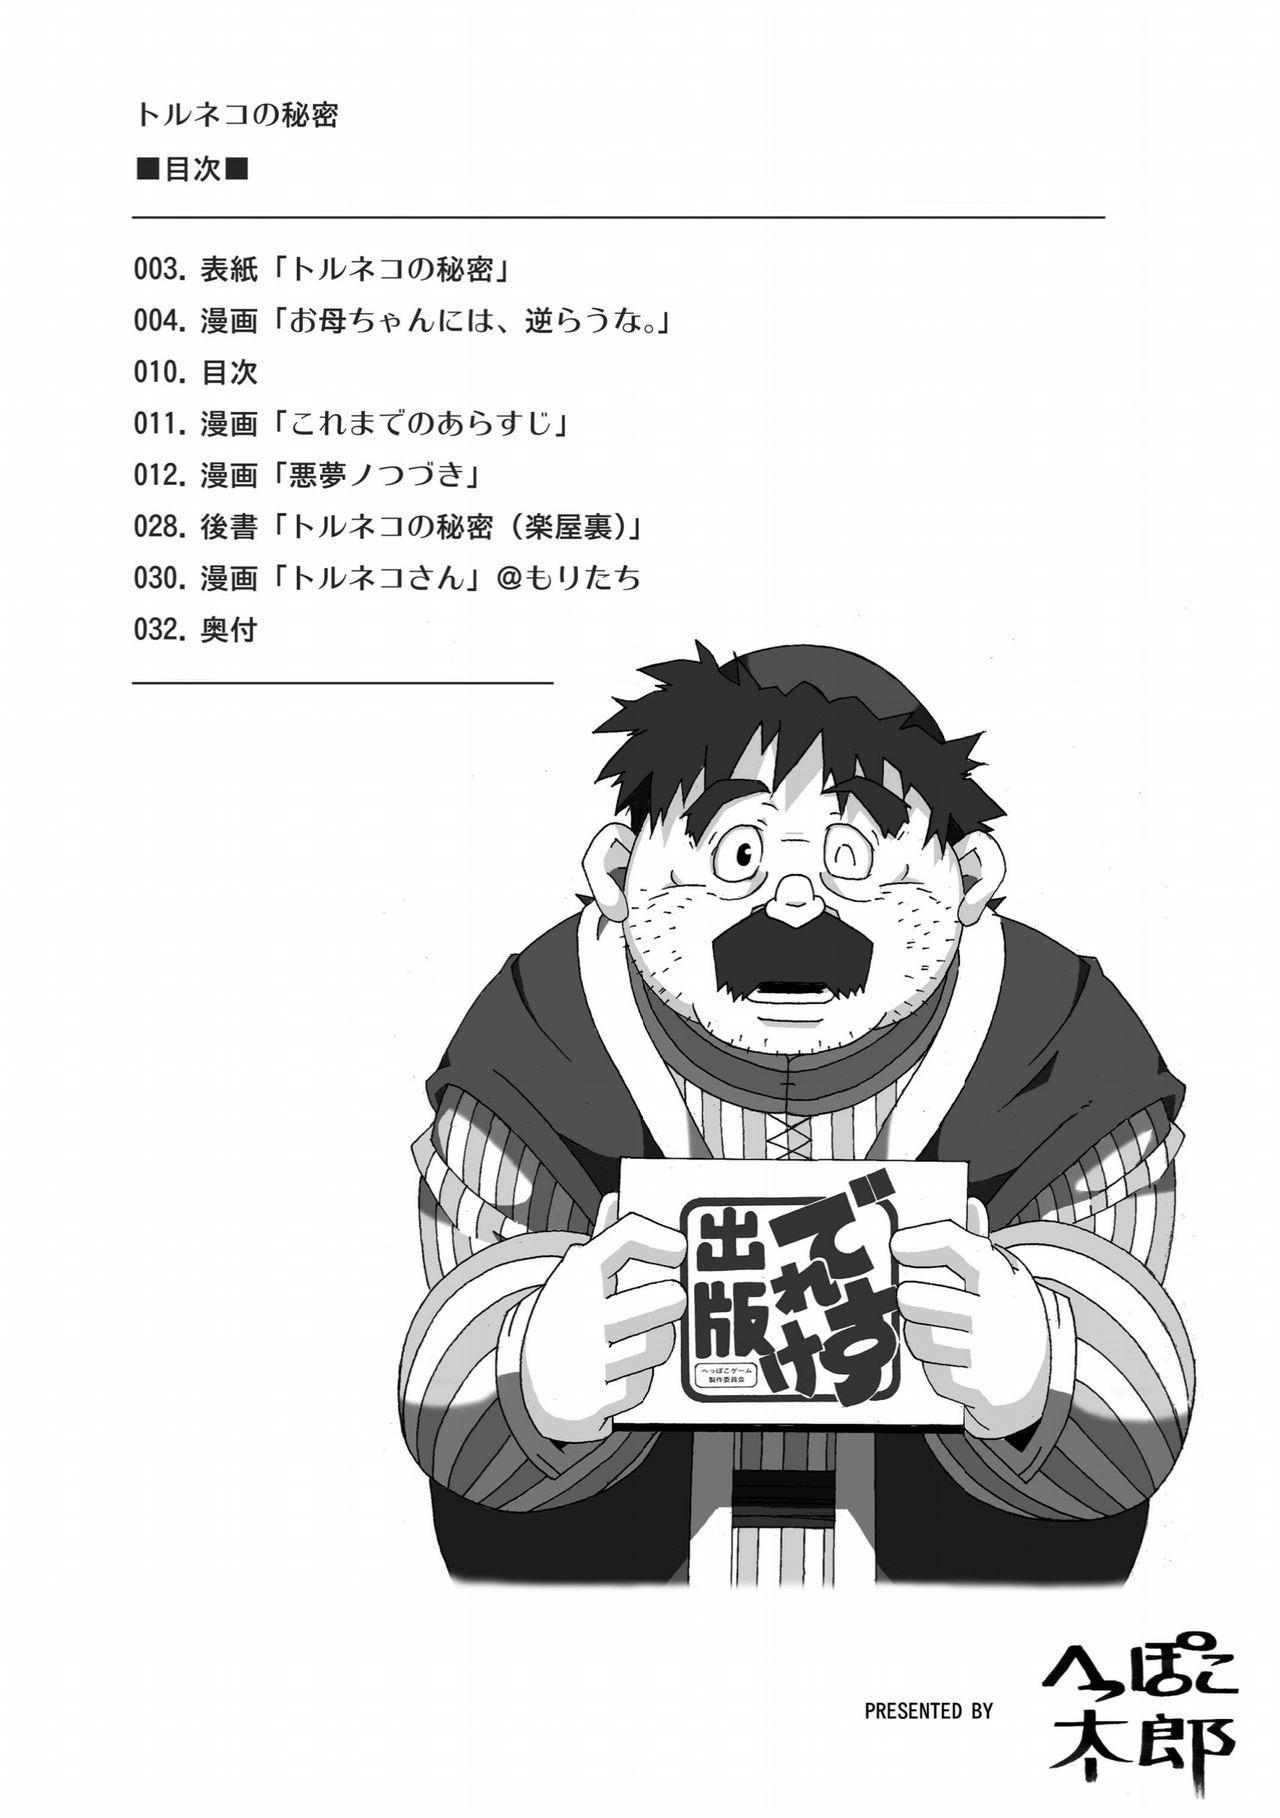 Torneko no Himitsu 9